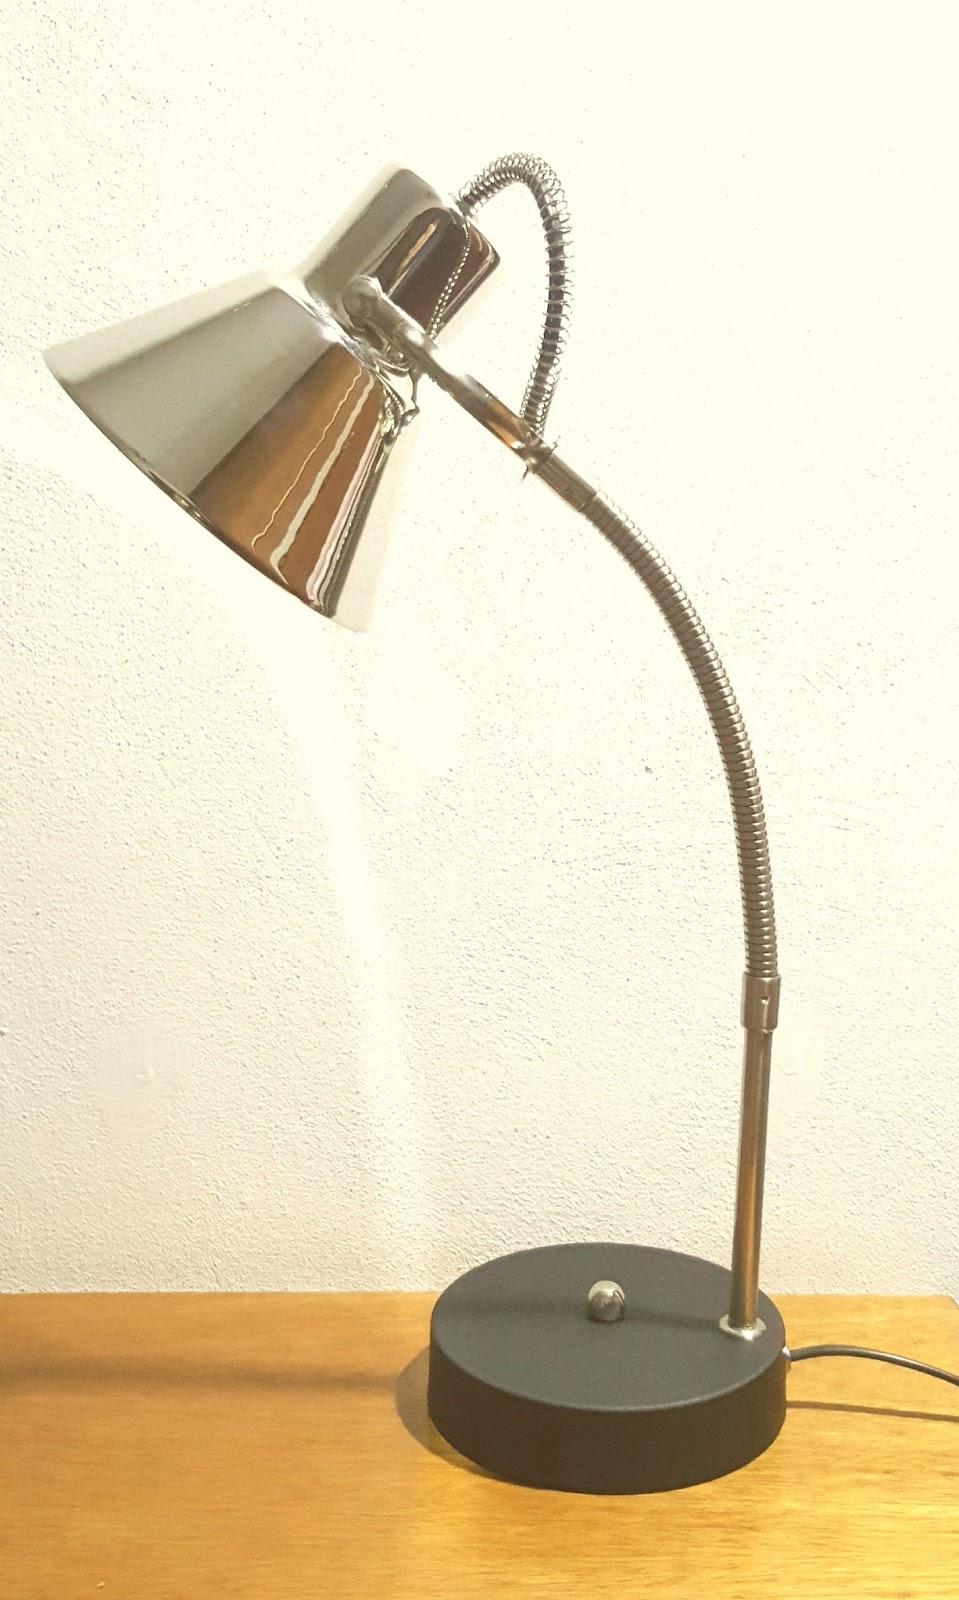 Argento iluminacion decorativa - Iluminacion decorativa exterior ...